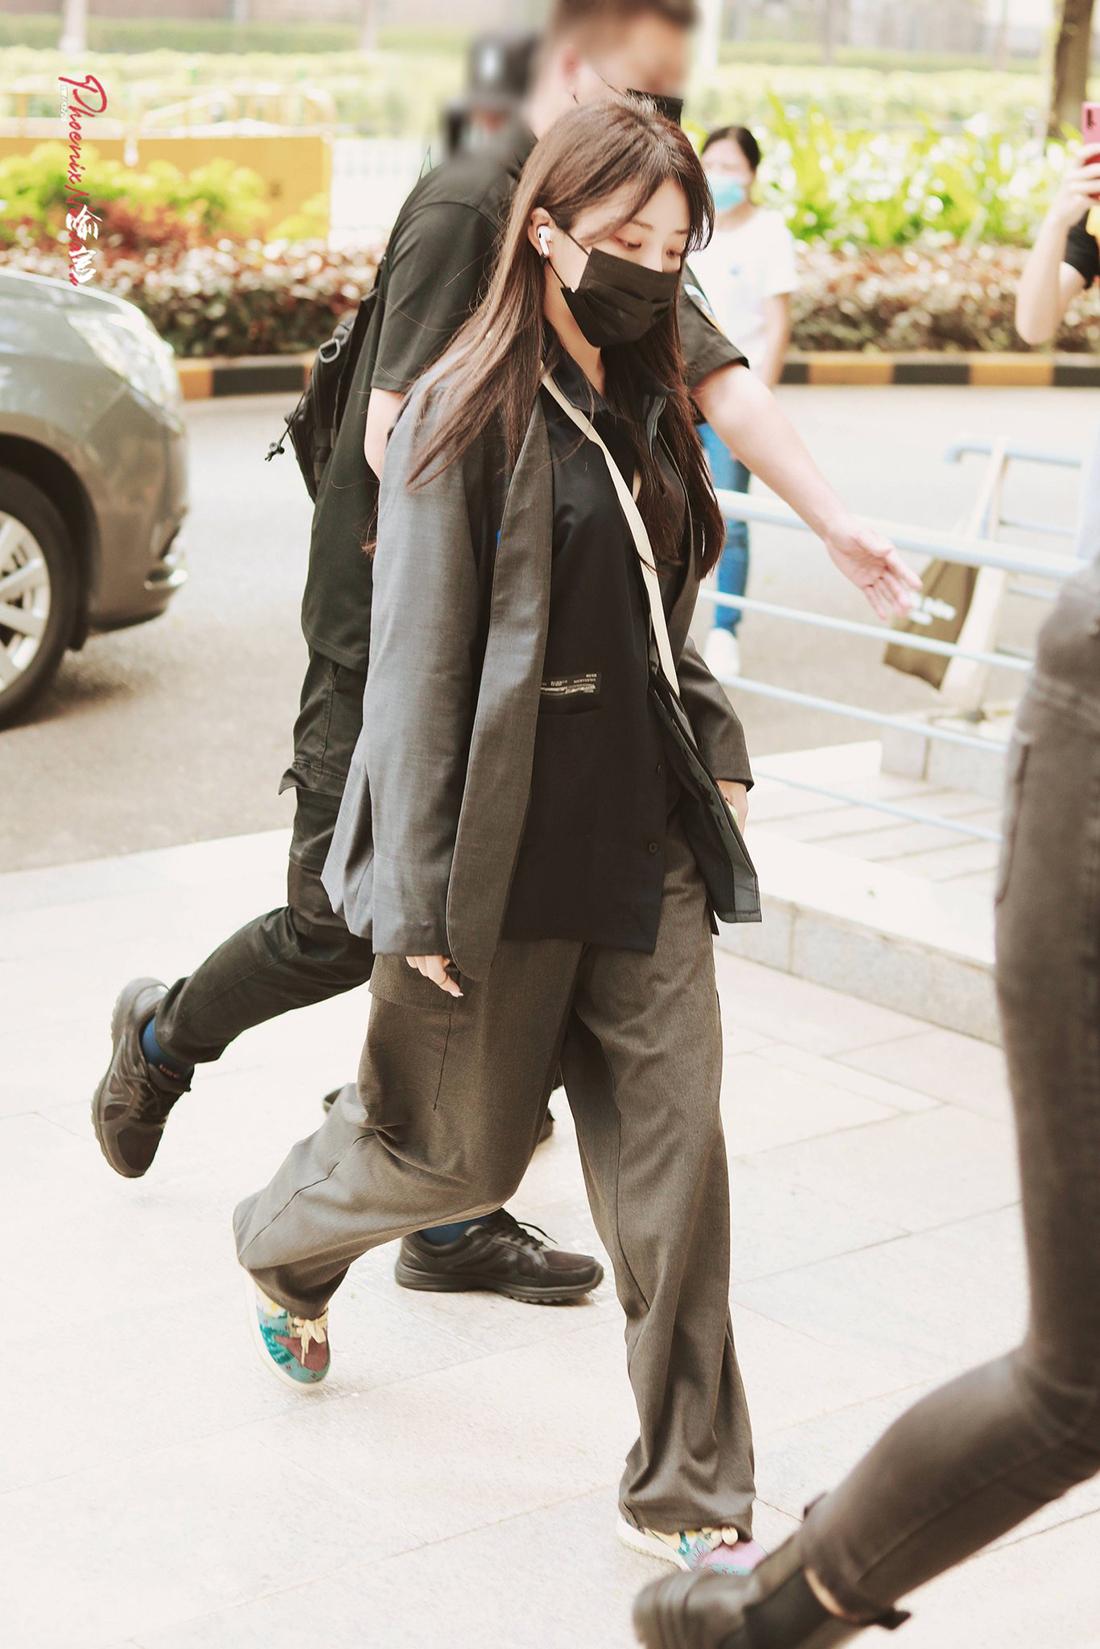 Thành viên The9 có phong cách thời trang thu hút với điểm nhấn là đôi giày Nike Dunk Low SP Lemon Wash thời thượng. Nữ idol chuộng giày thể thao, sở hữu bộ sưu tập đắt đỏ.